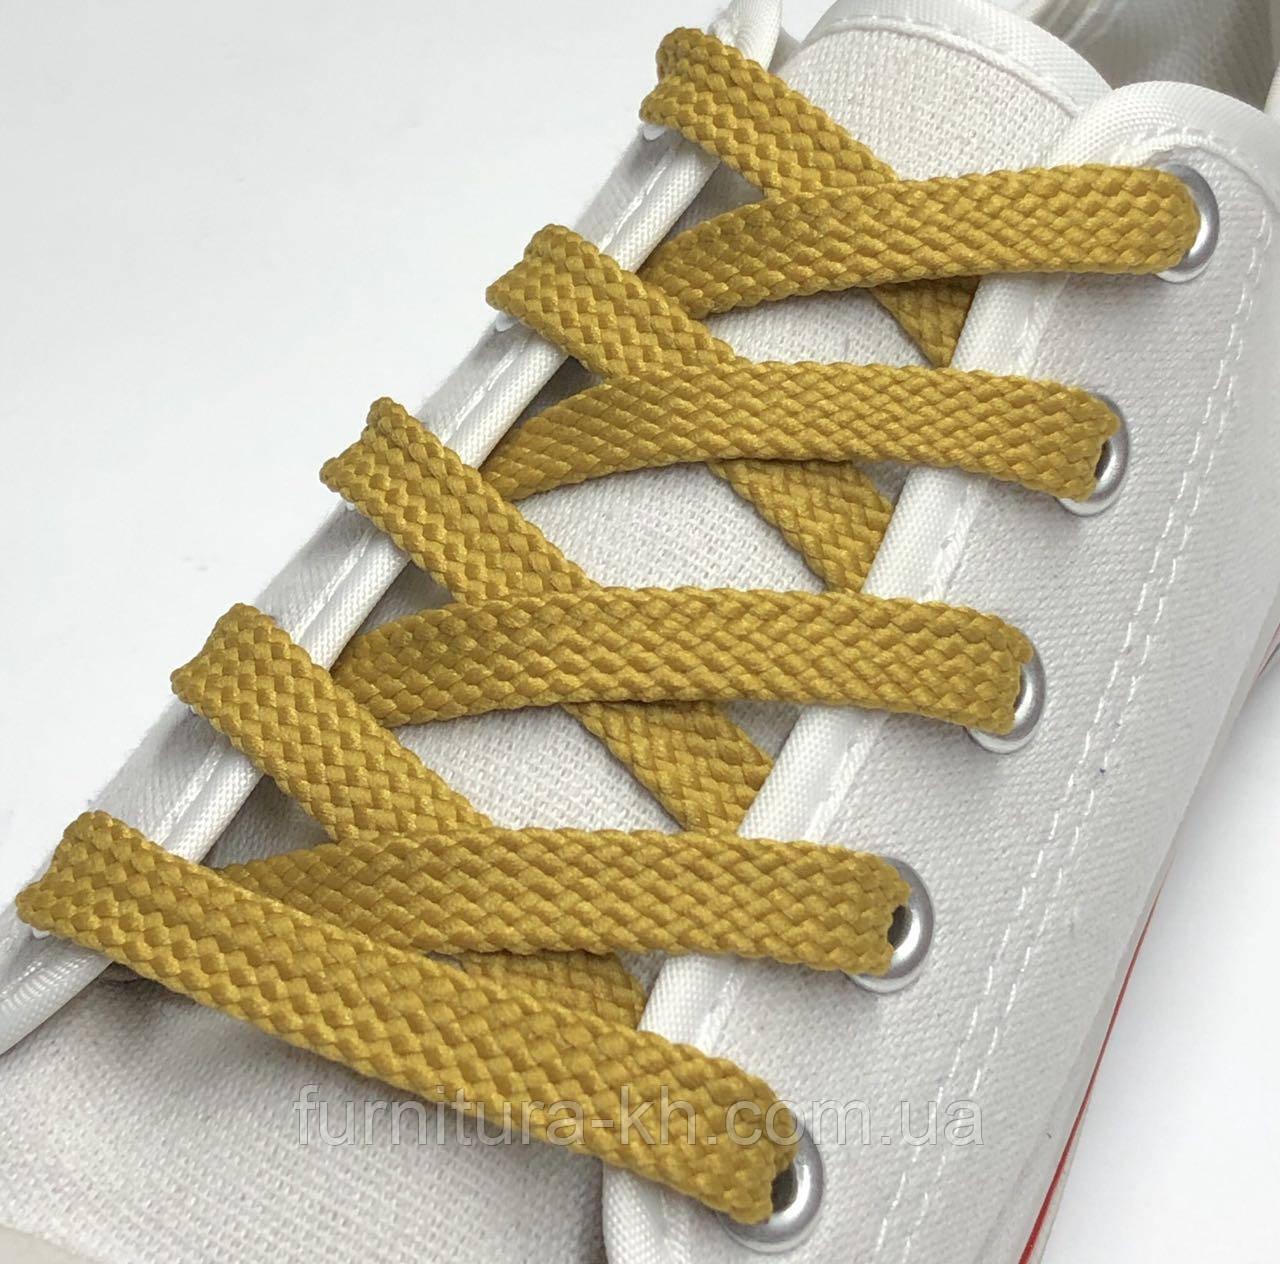 Шнурок Простой Плоский Длинна 1 метр  цвет Светло Рыжий  (ширина 7 мм)